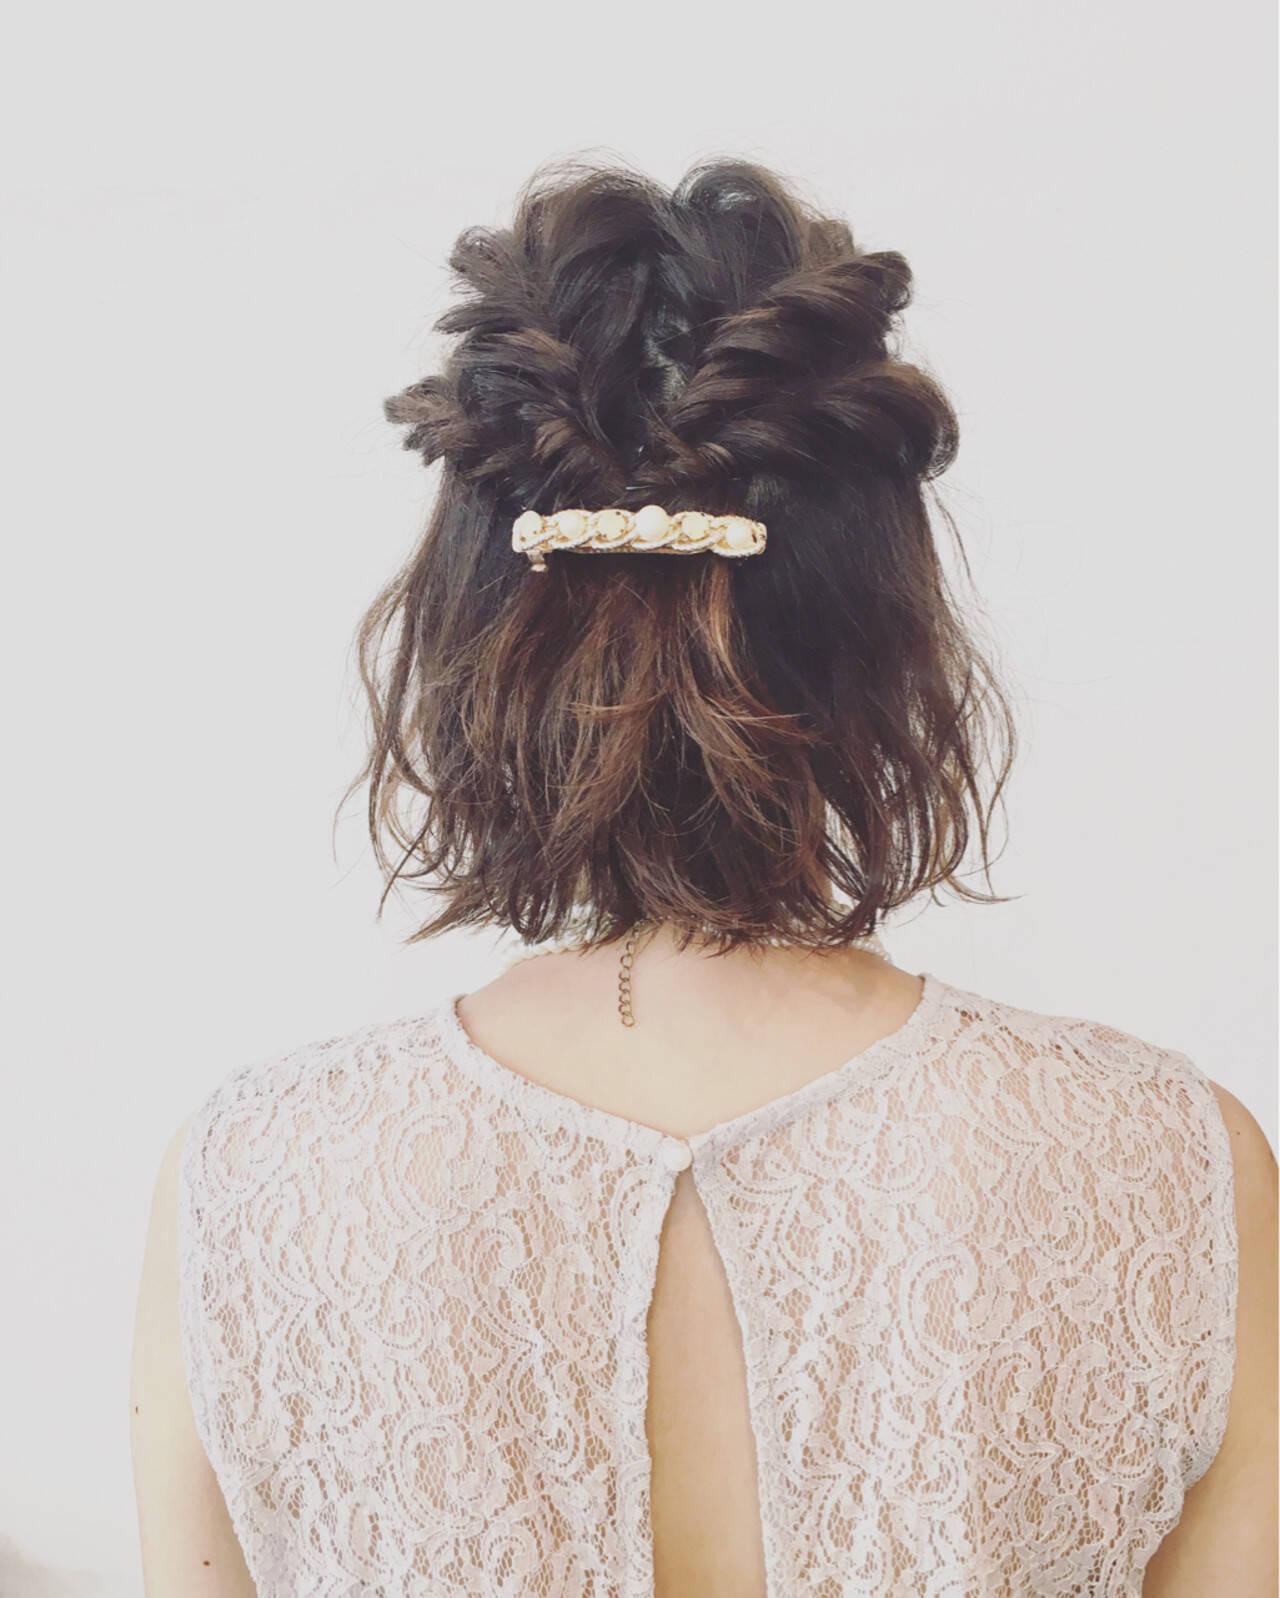 編み込み ハーフアップ ヘアアレンジ パーティヘアスタイルや髪型の写真・画像